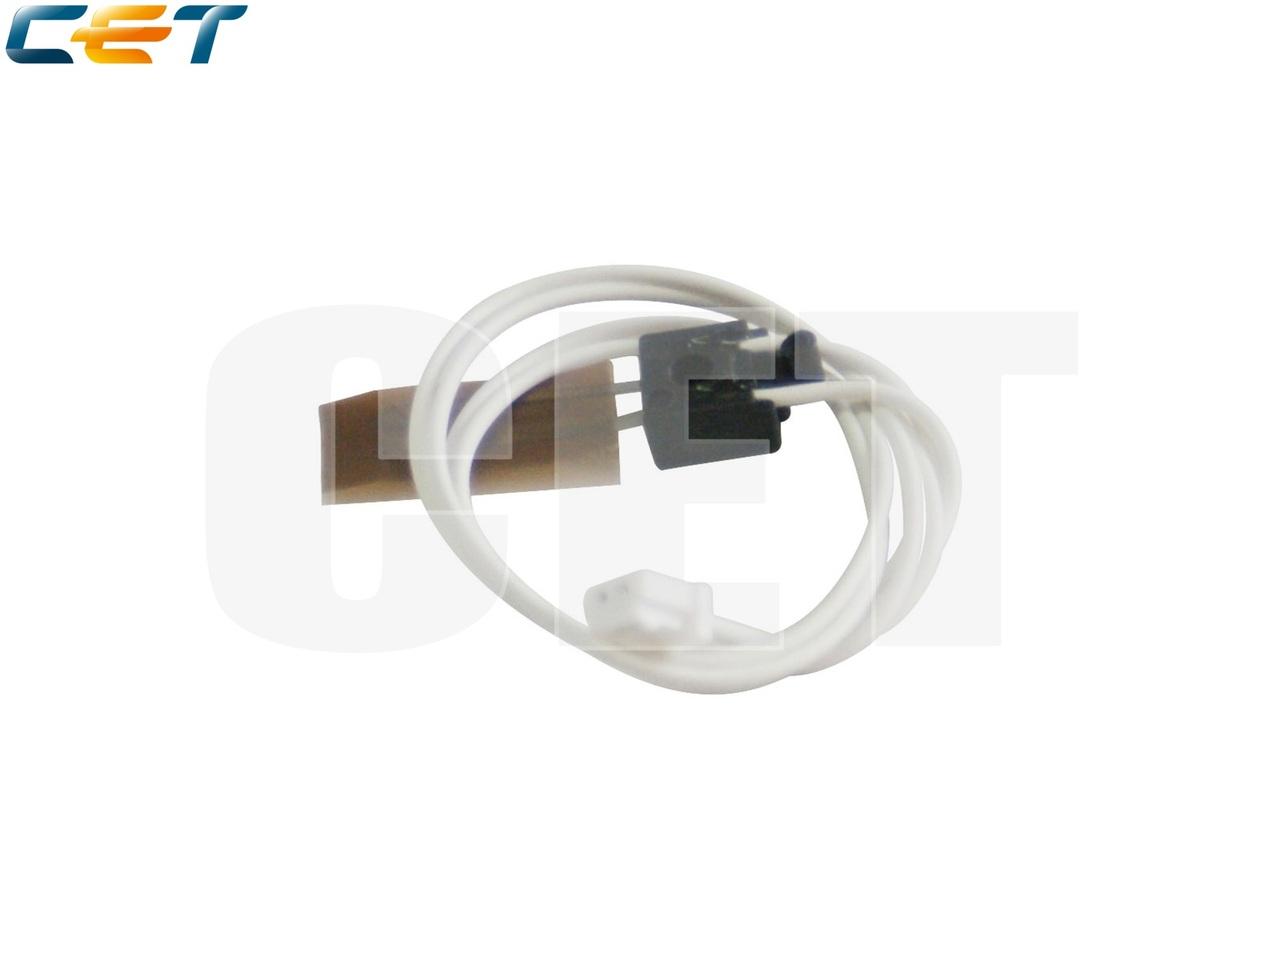 Термистор передний AW100108, AW10-0131, AW10-0052,AW10-0108 для RICOH Aficio 2051/2060/2075 (CET), CET5315